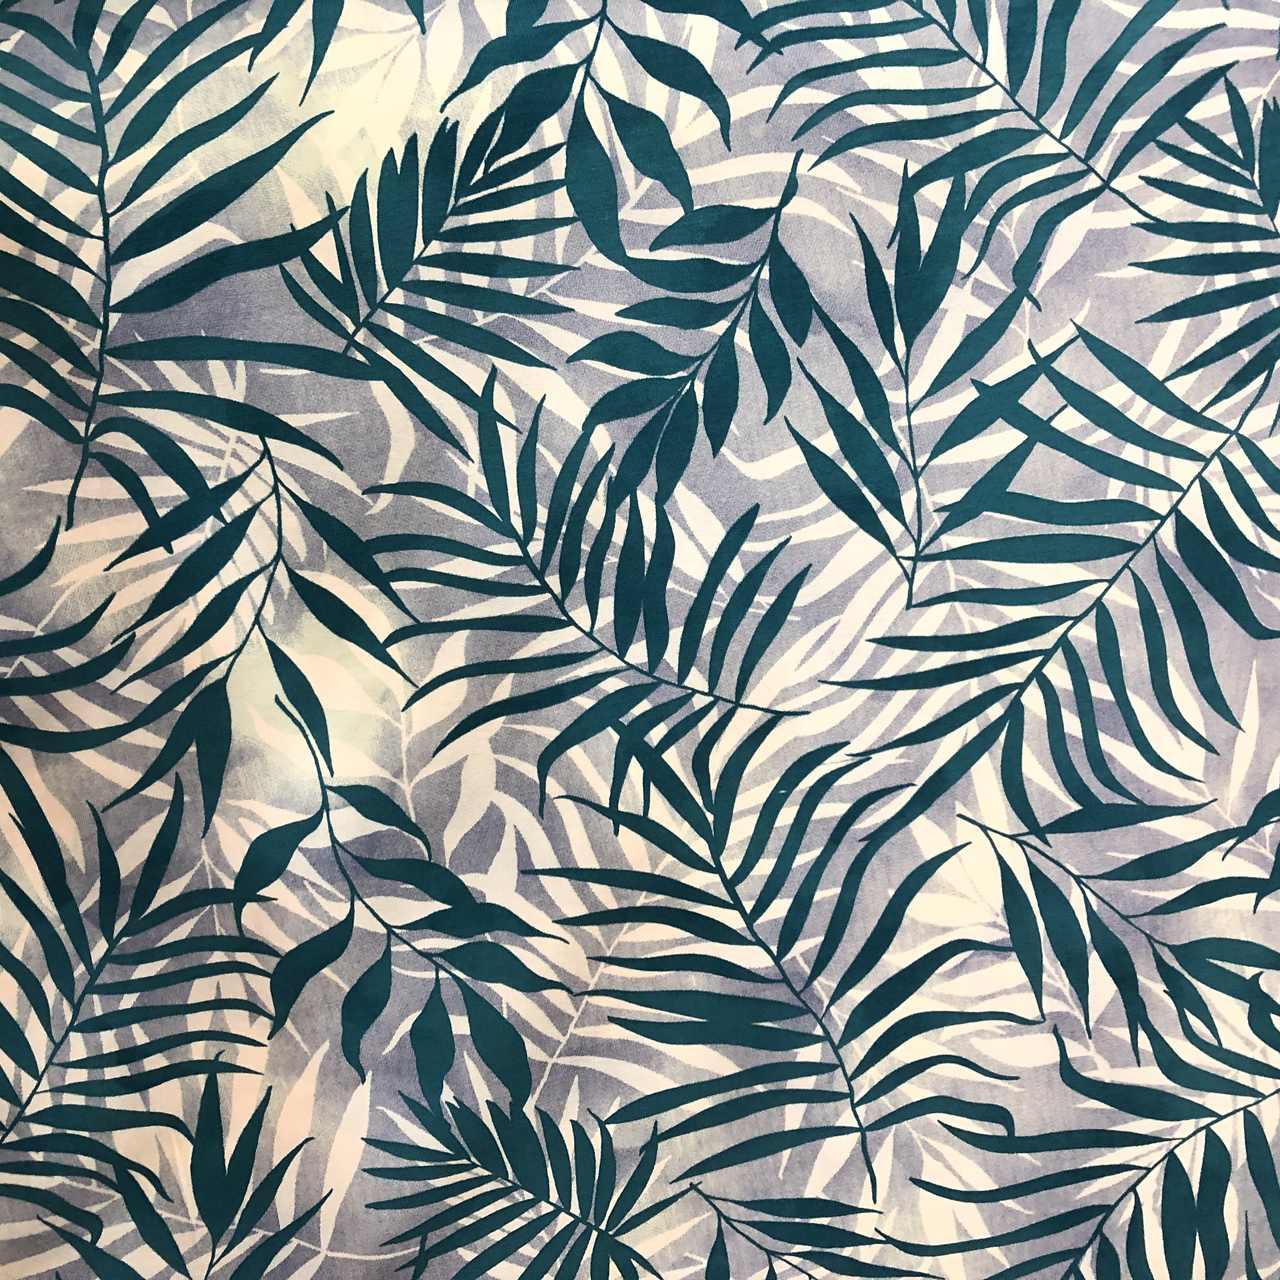 Tecido Malha Viscolycra  95%Viscose 5%Elastano Tropical Verde Agua